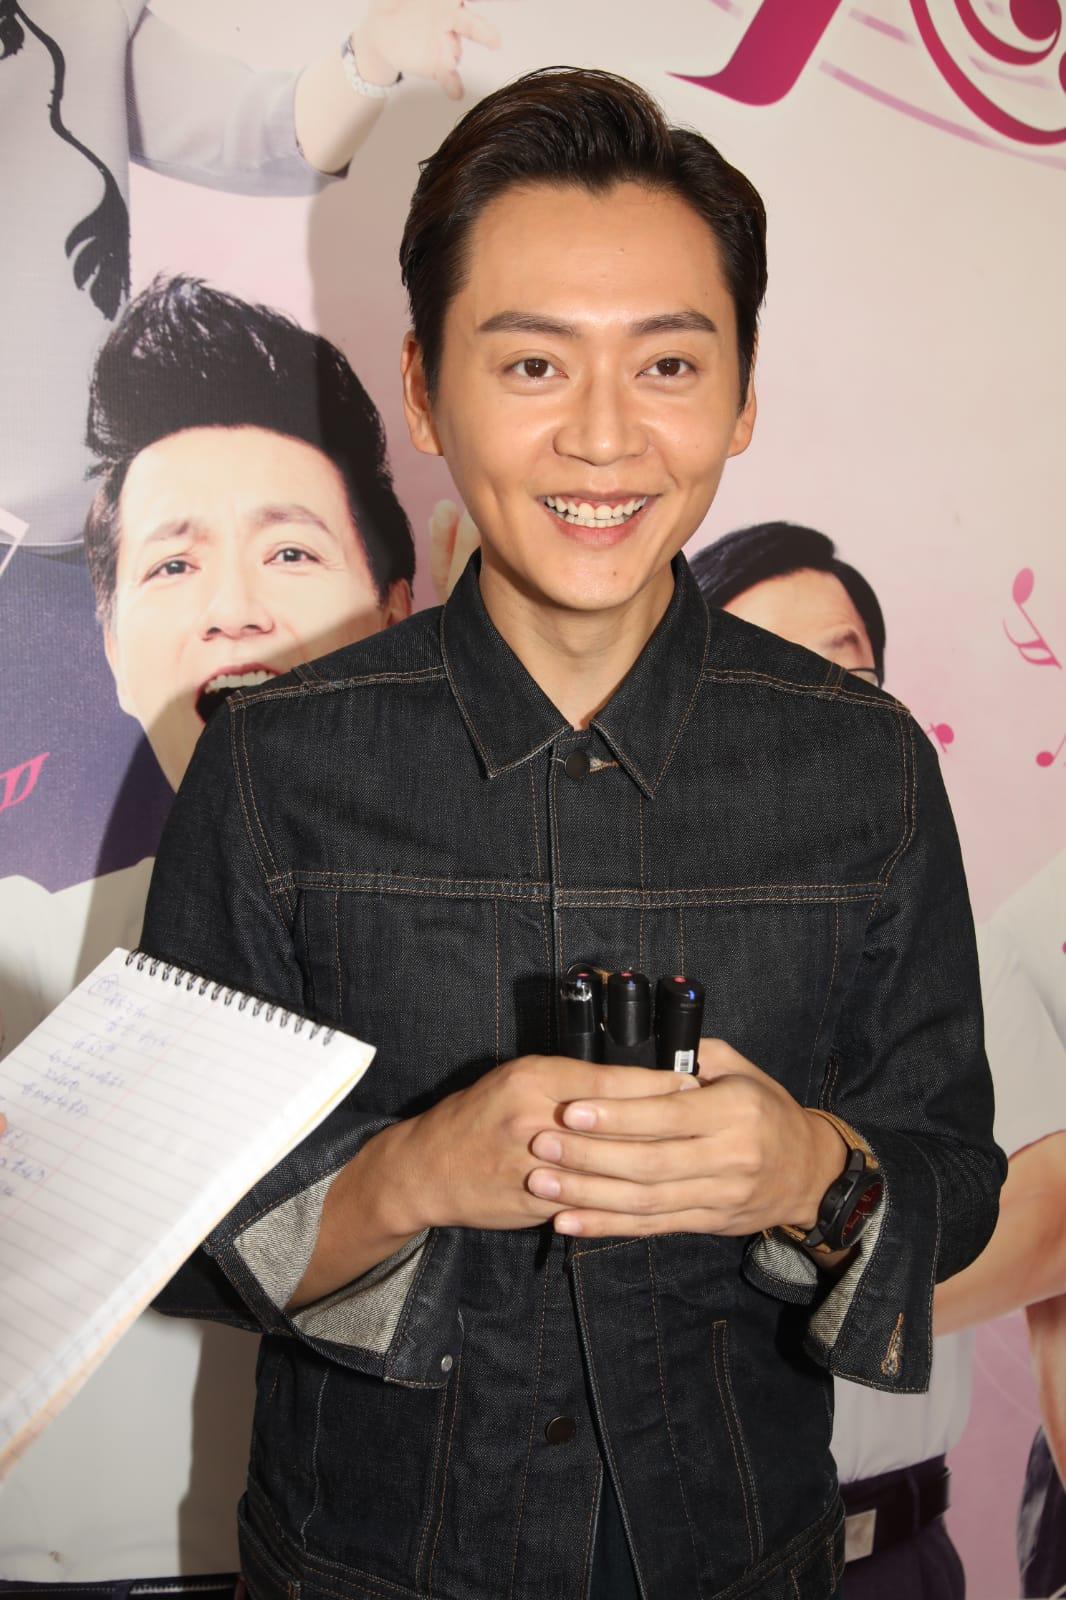 張振朗表示若開拍續集,選角是由公司決定。